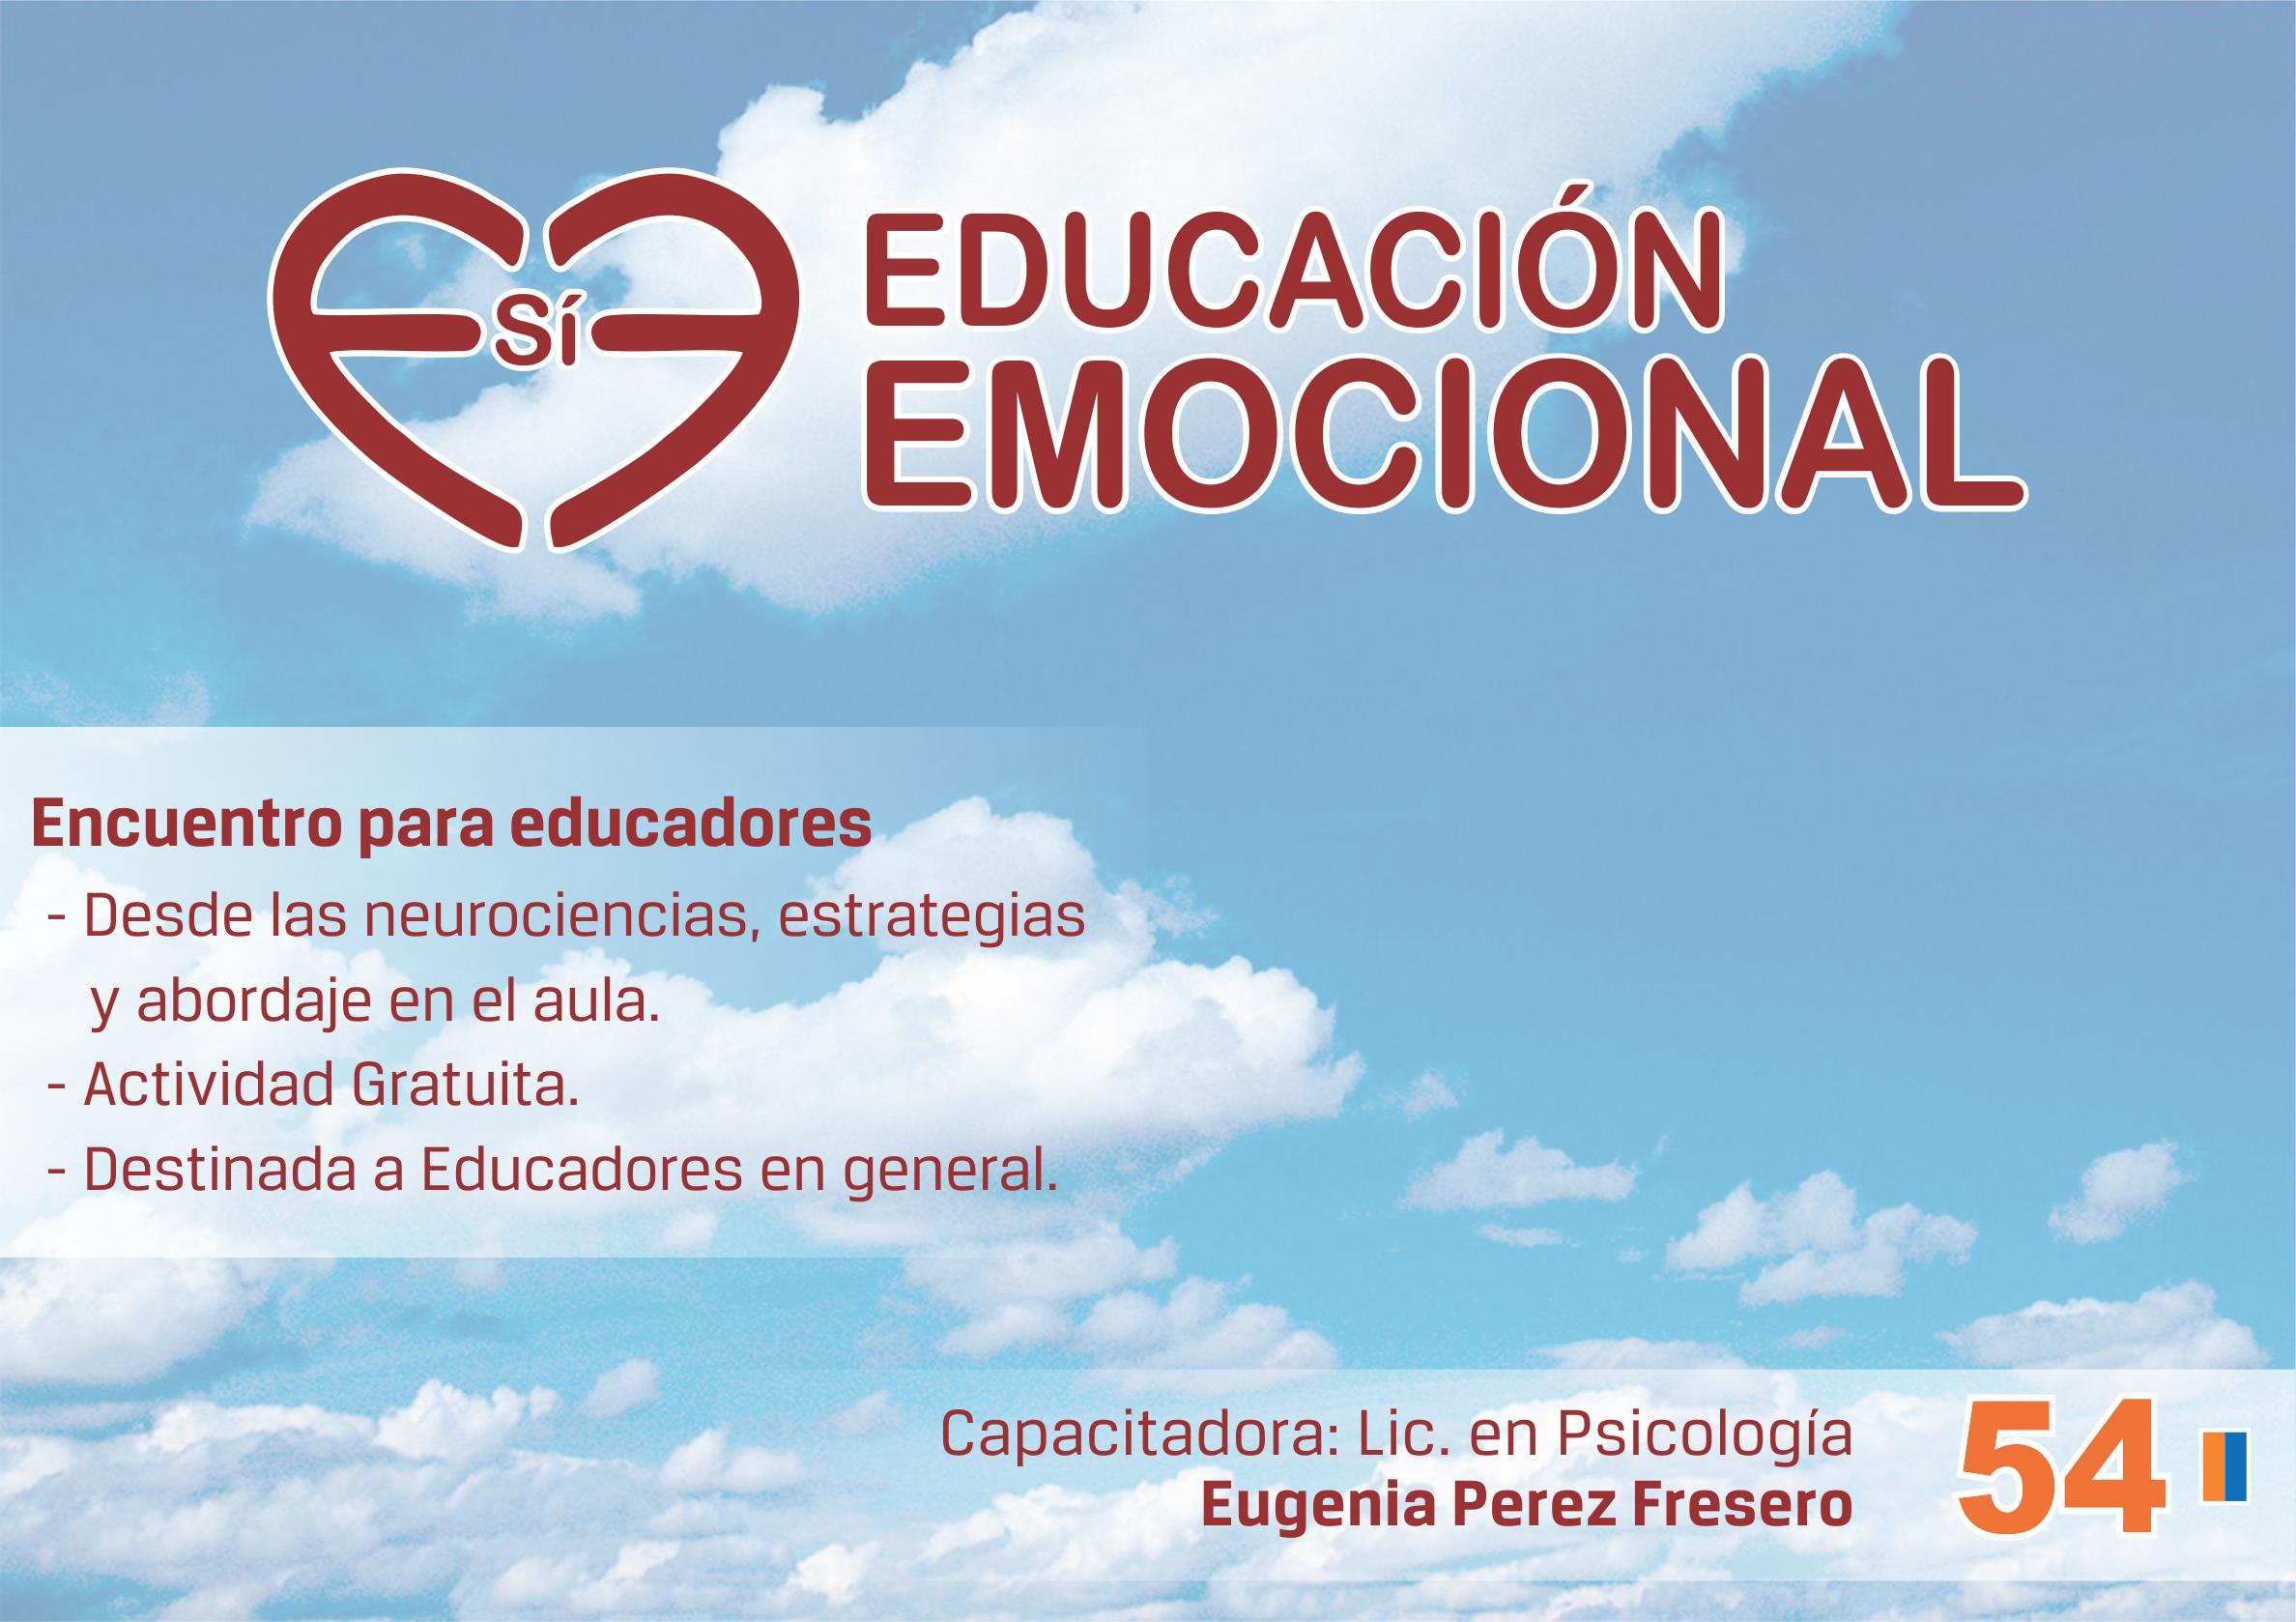 El Movimiento Popular Fueguino organiza una Jornada de Educación Emocional